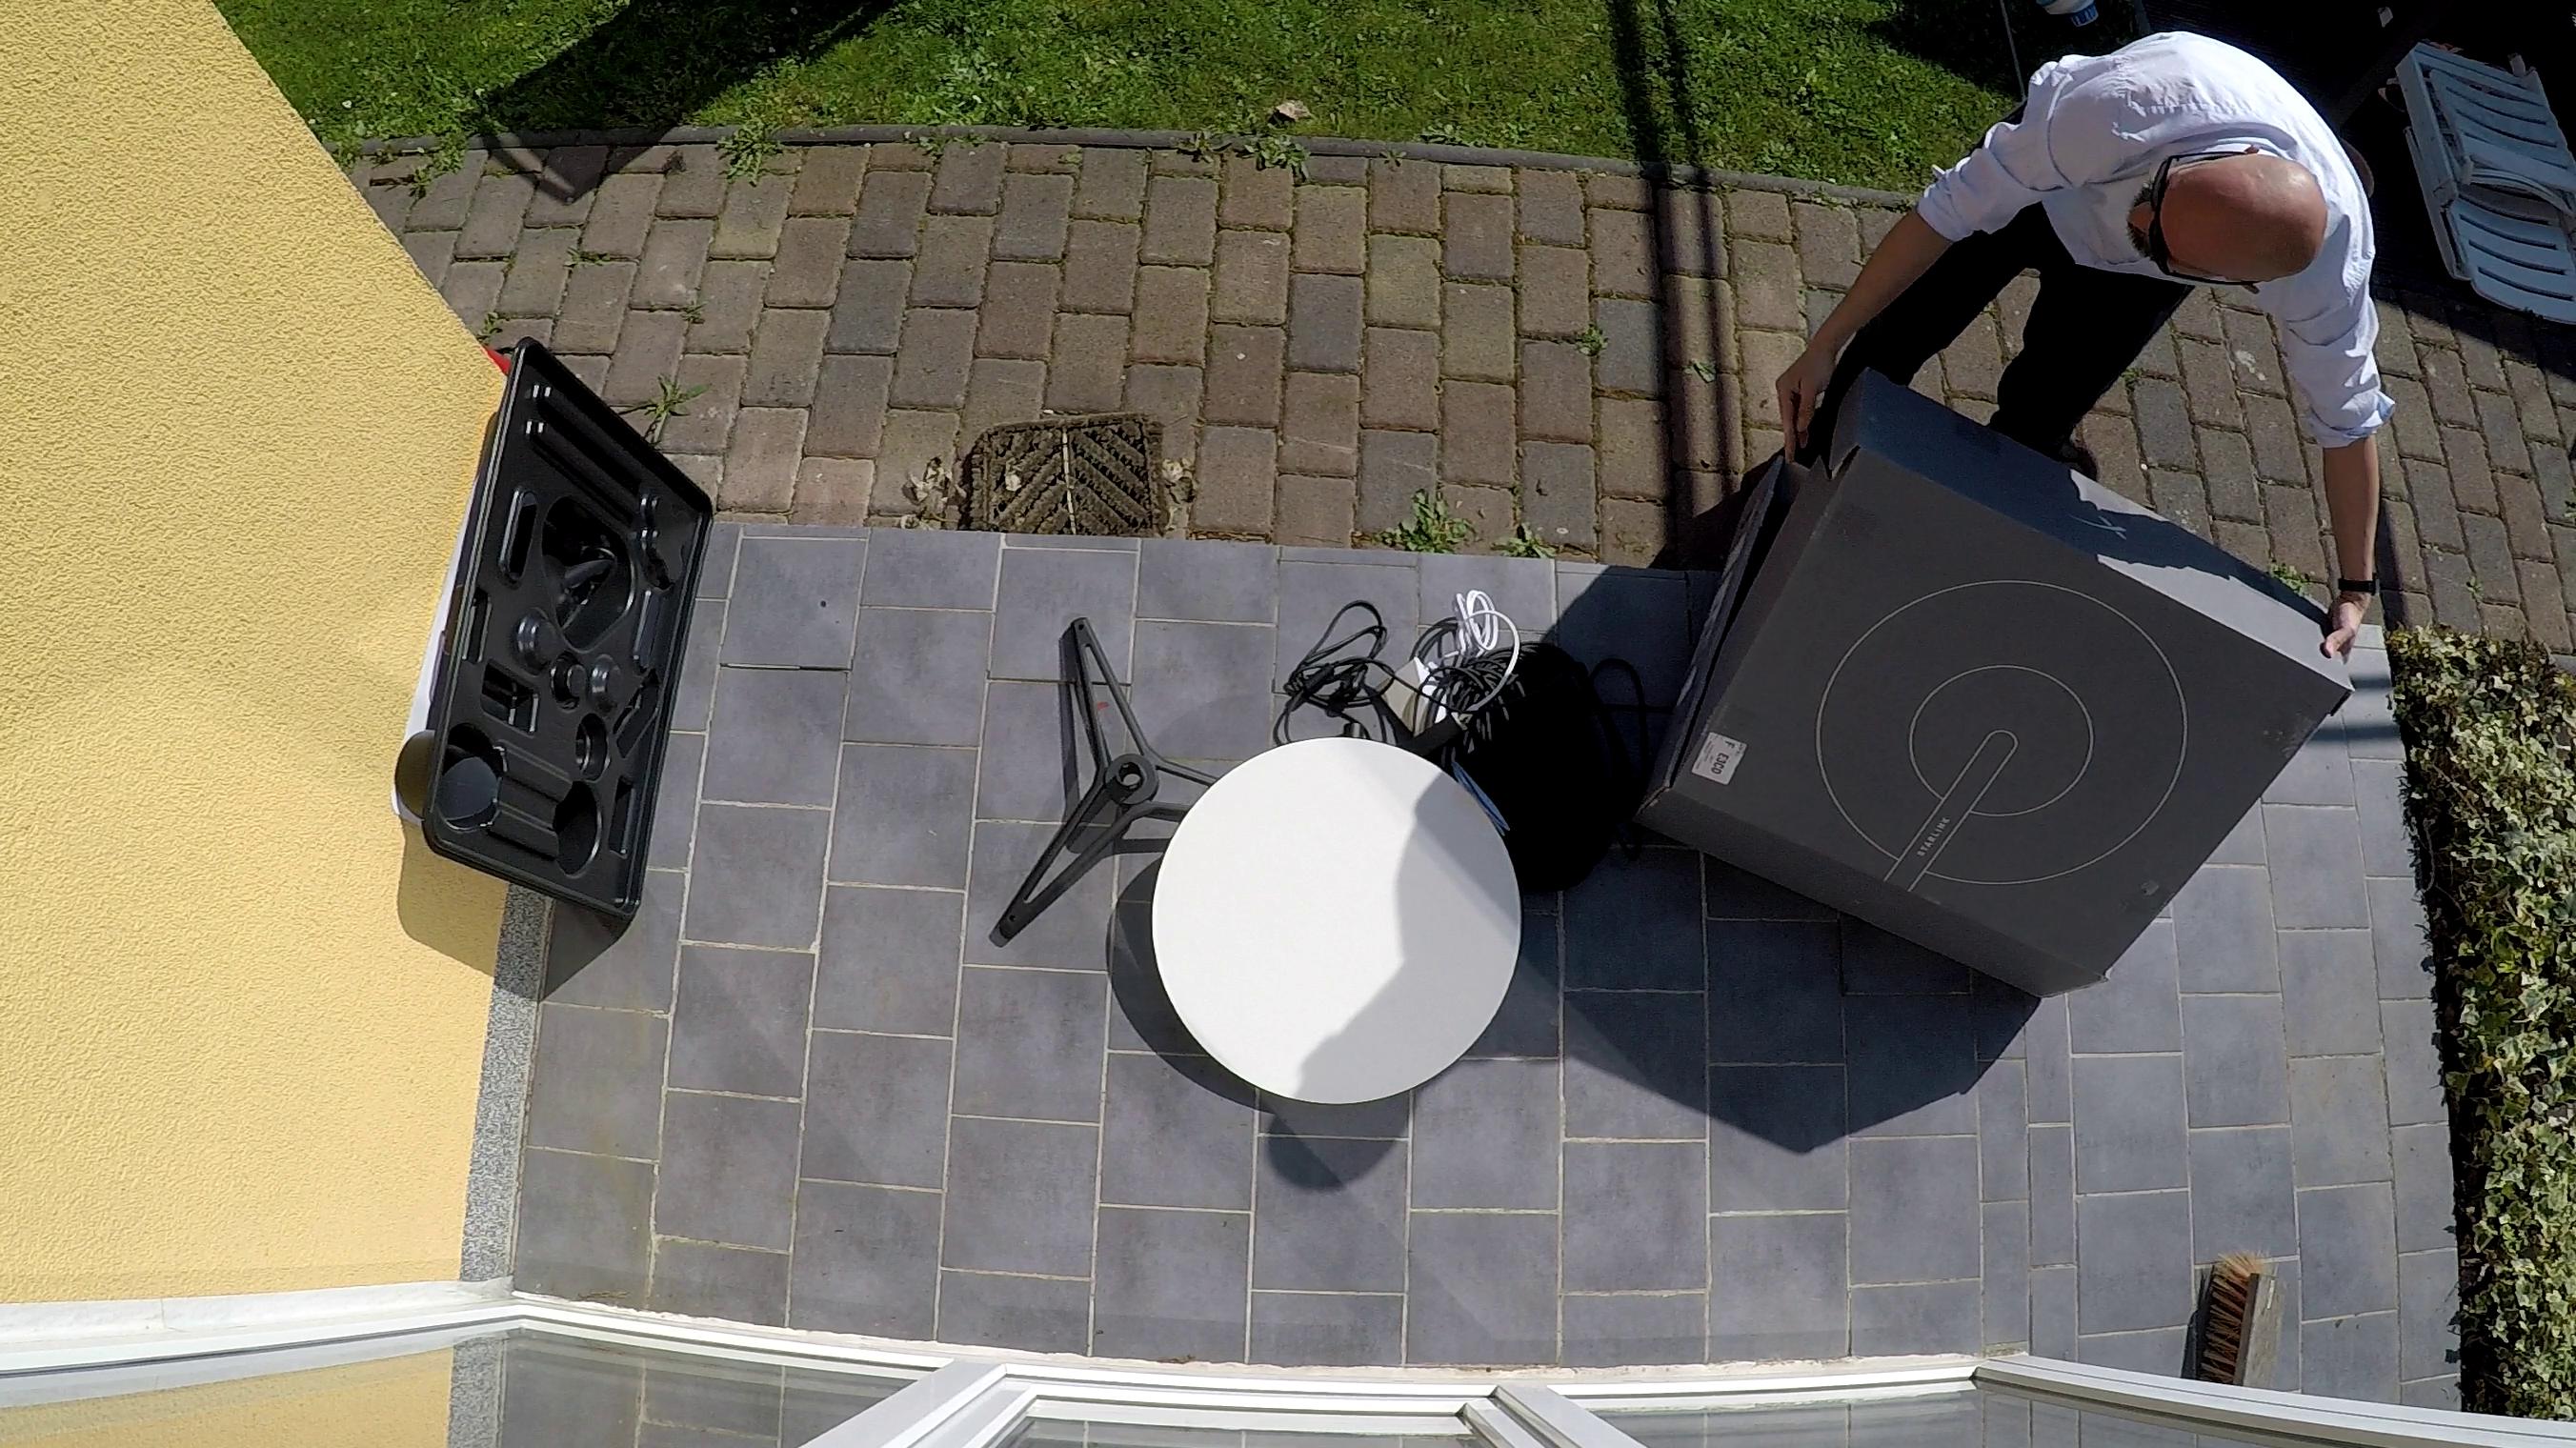 SpaceX-Internet im ersten Test: Starlink in 15 Minuten - Auspacken auf der Terrasse: das Paket wiegt rund 14 kg und es ist nicht viel drin. (Bild: Martin Wolf / Golem.de)